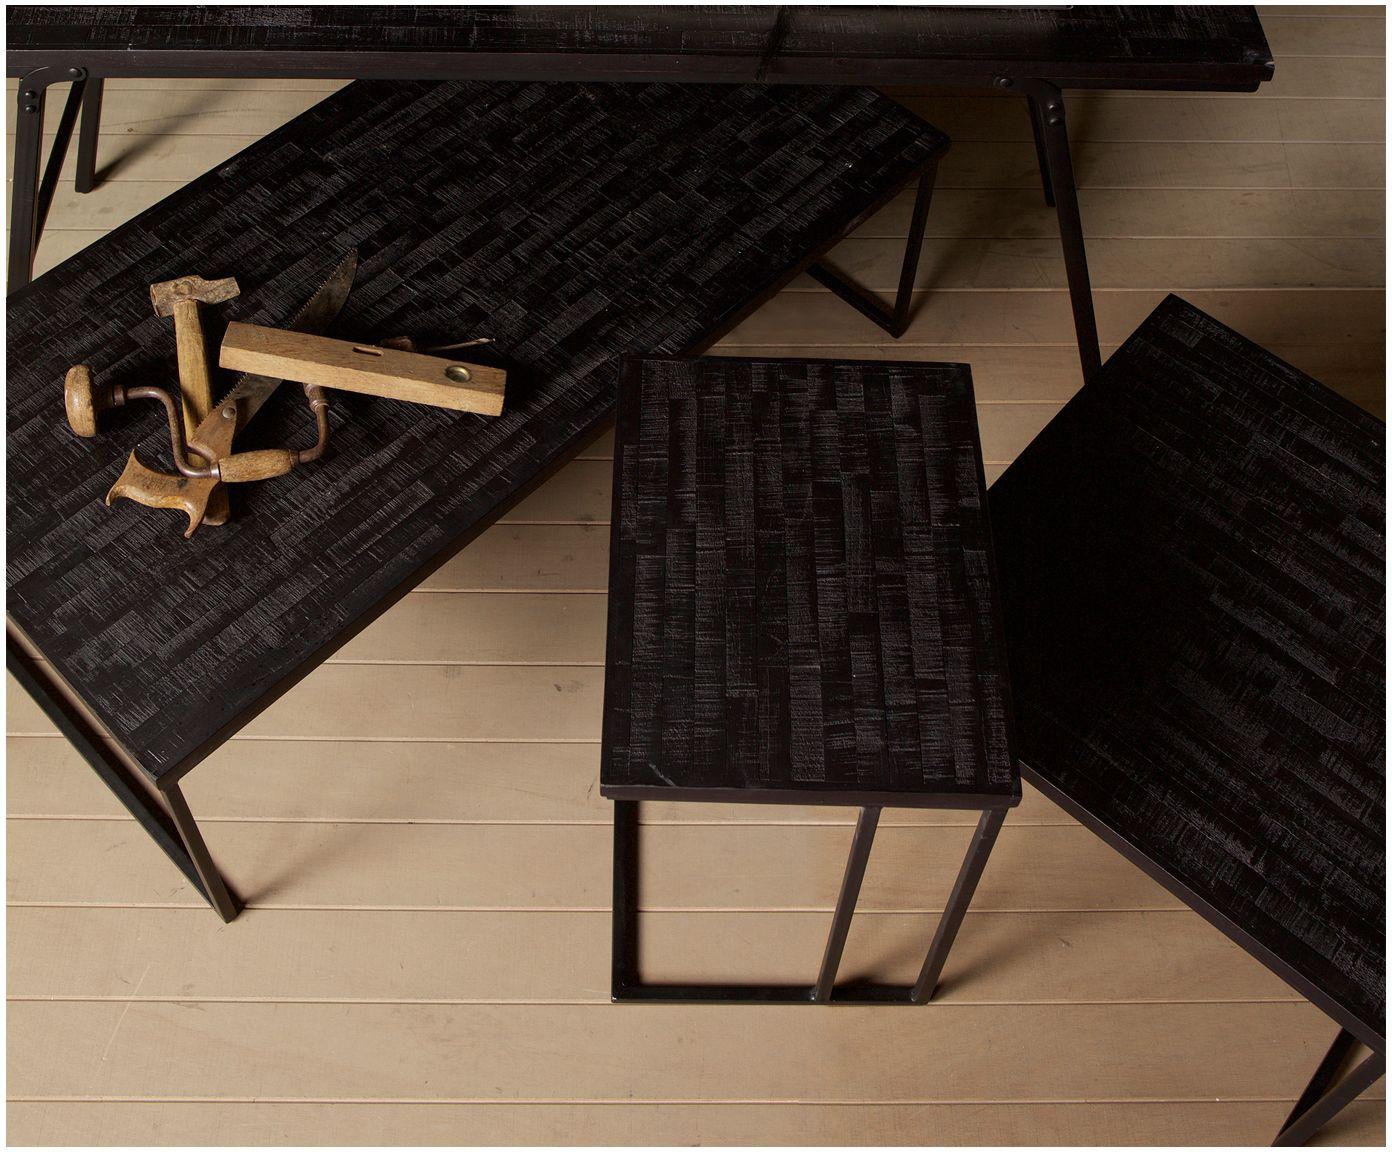 Mit Couchtisch Sharing In Schwarz Verwandeln Sie Ihr Wohnzimmer In Eine Wohlfühloase Entdecken Sie Weitere Hochwertige Möbel Auf Wes Couchtisch Couch Tisch